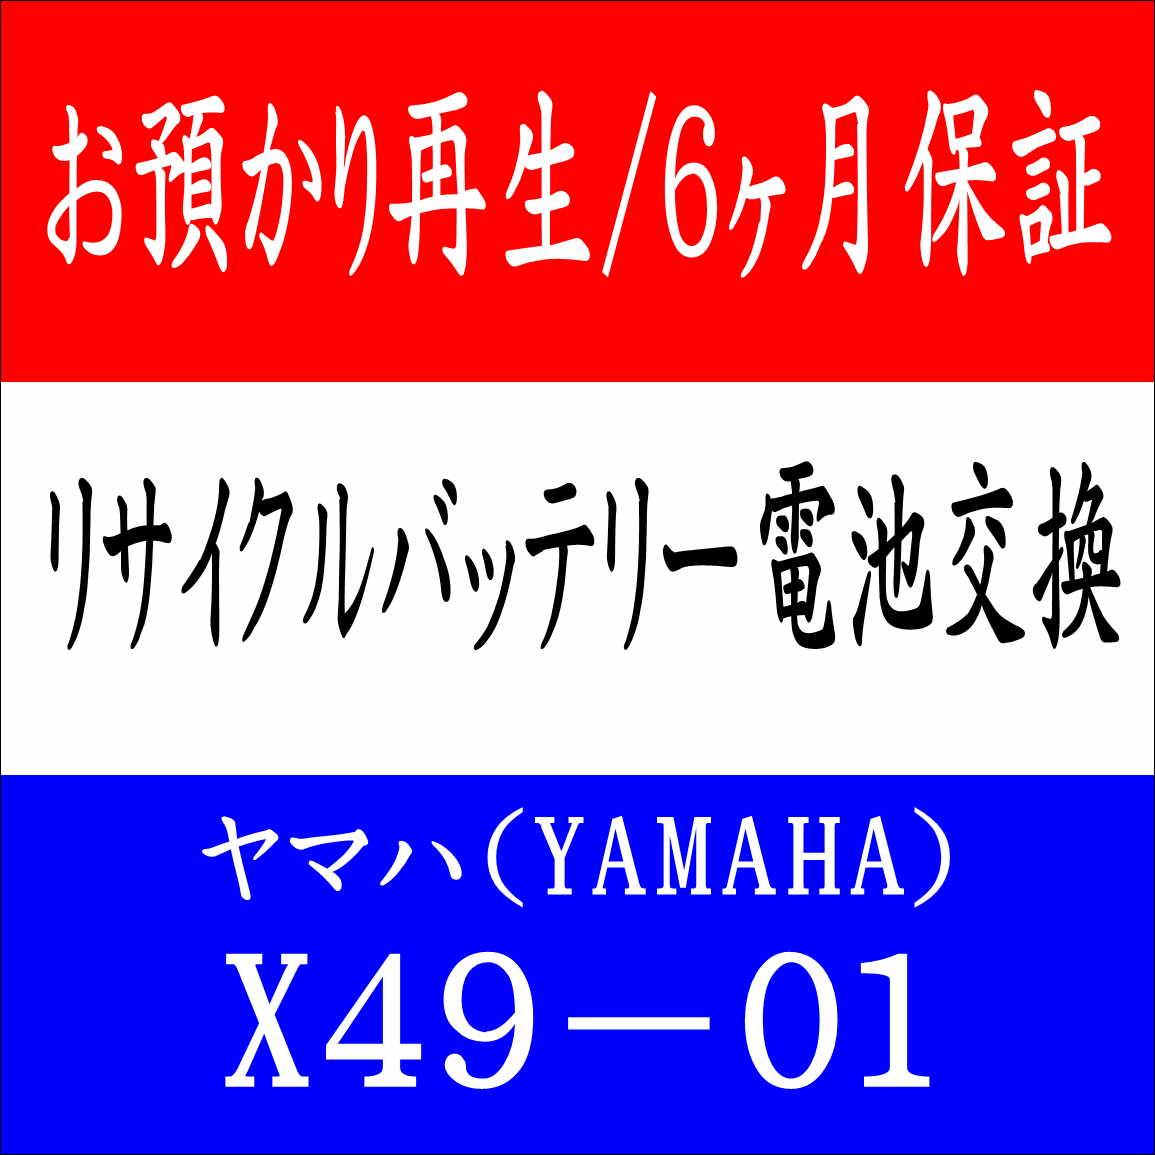 【お預かりして再生】 ヤマハ X49-01 26V  電動自転車 リサイクルバッテリーセル交換(6ケ月保証付)